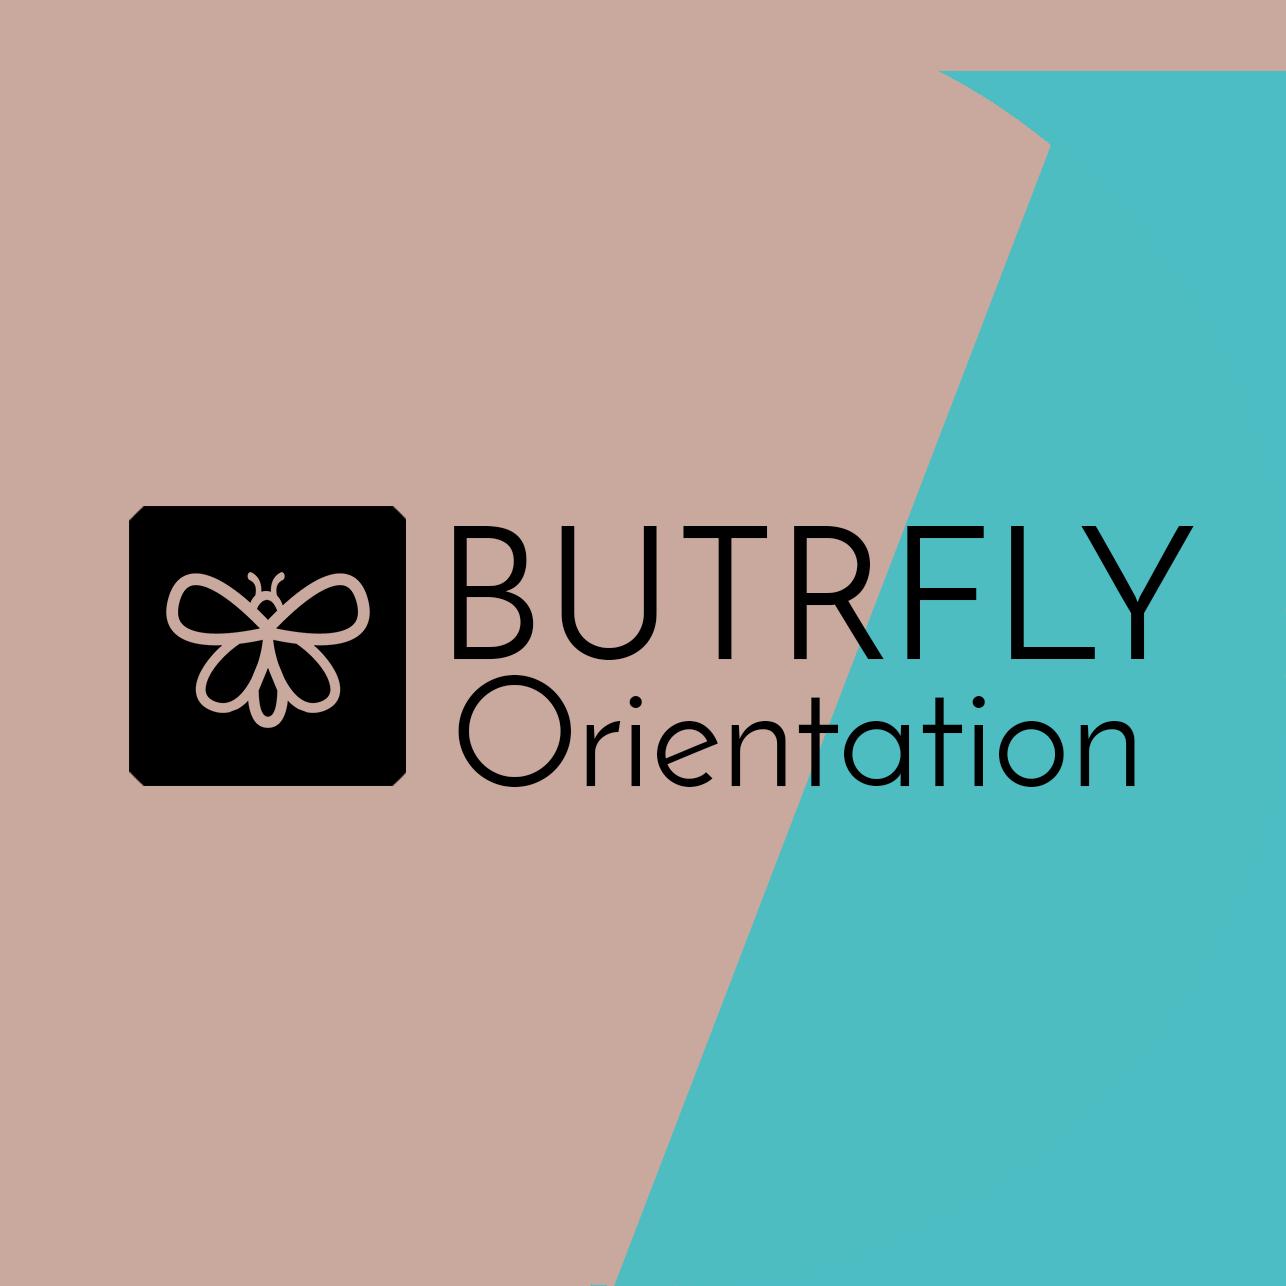 Butrfly Orientation